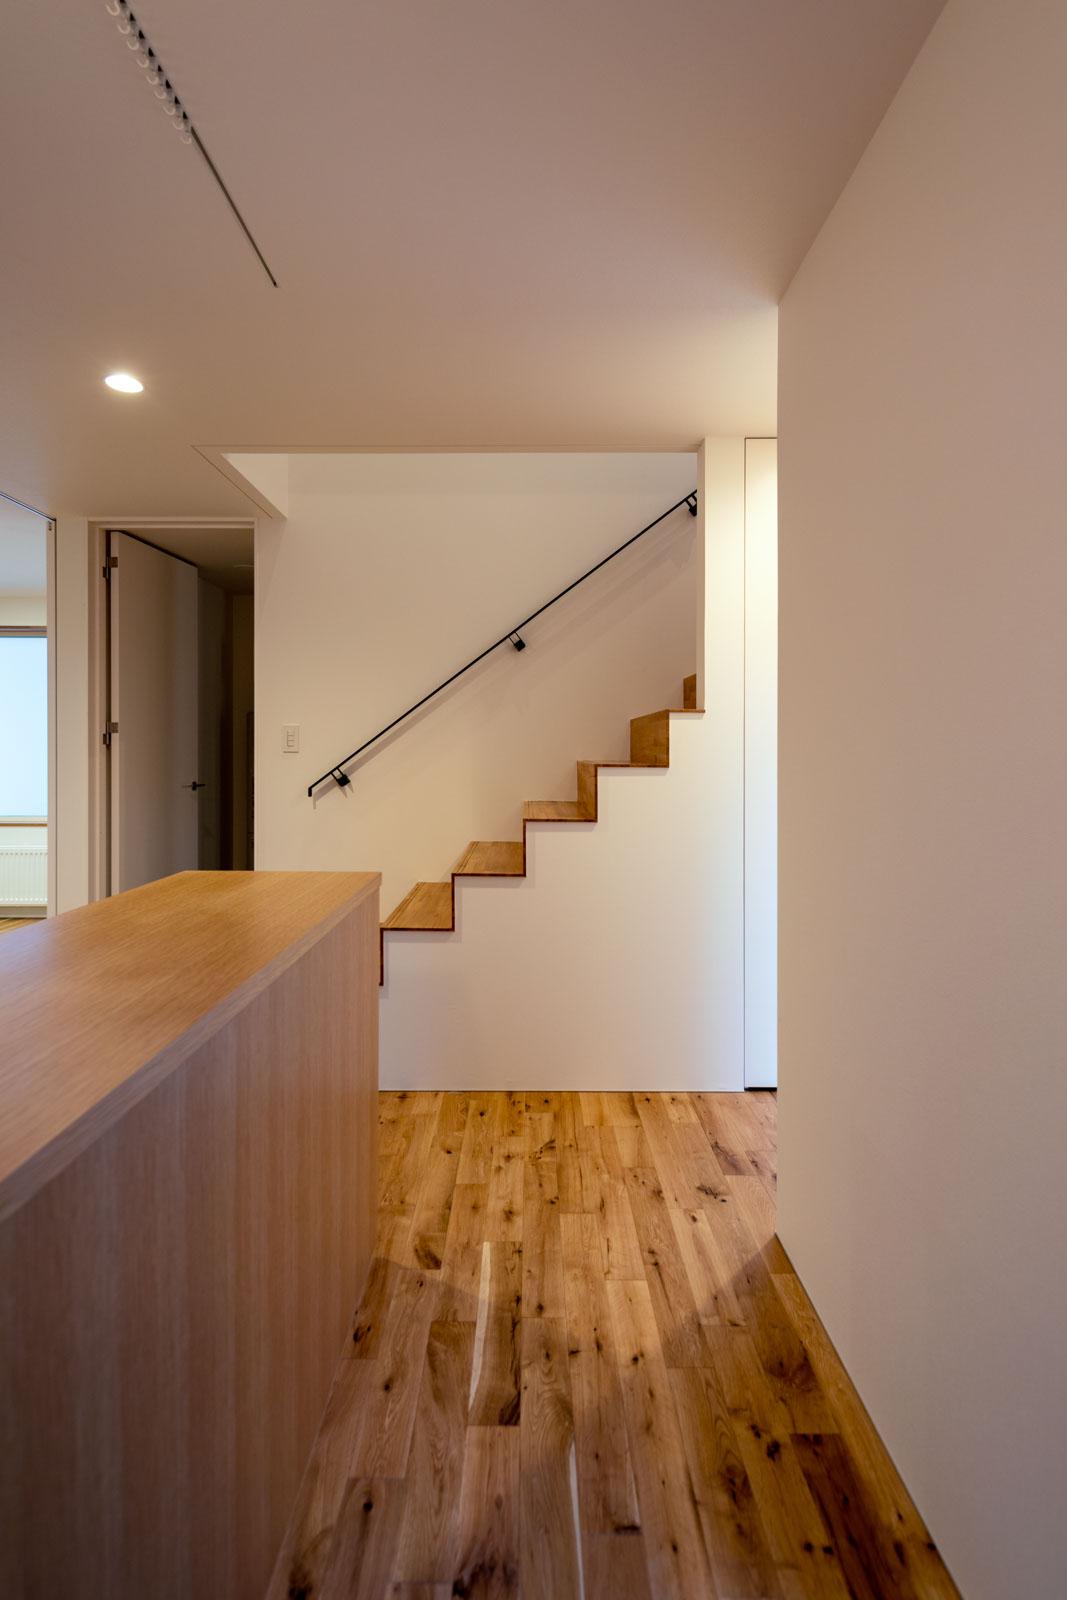 高さを抑えた造作収納で動線を分離し、広がり感を演出した玄関ホール